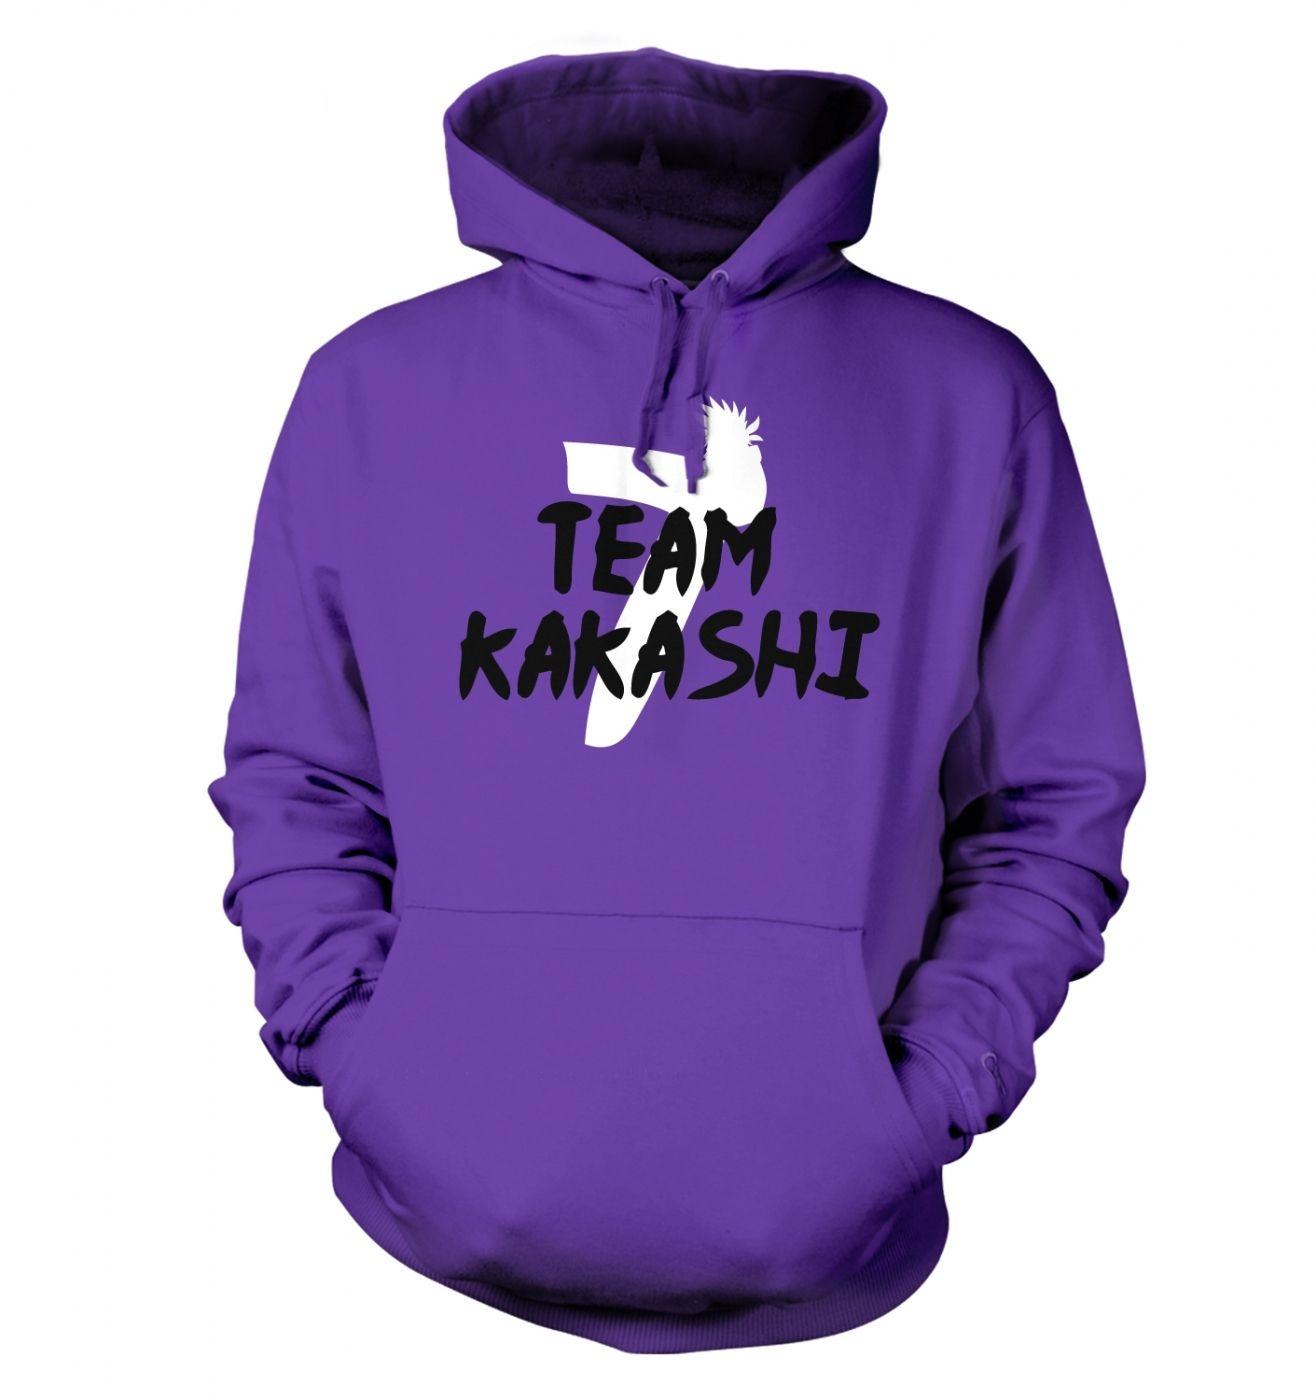 Team Kakashi - Adult Hoodie